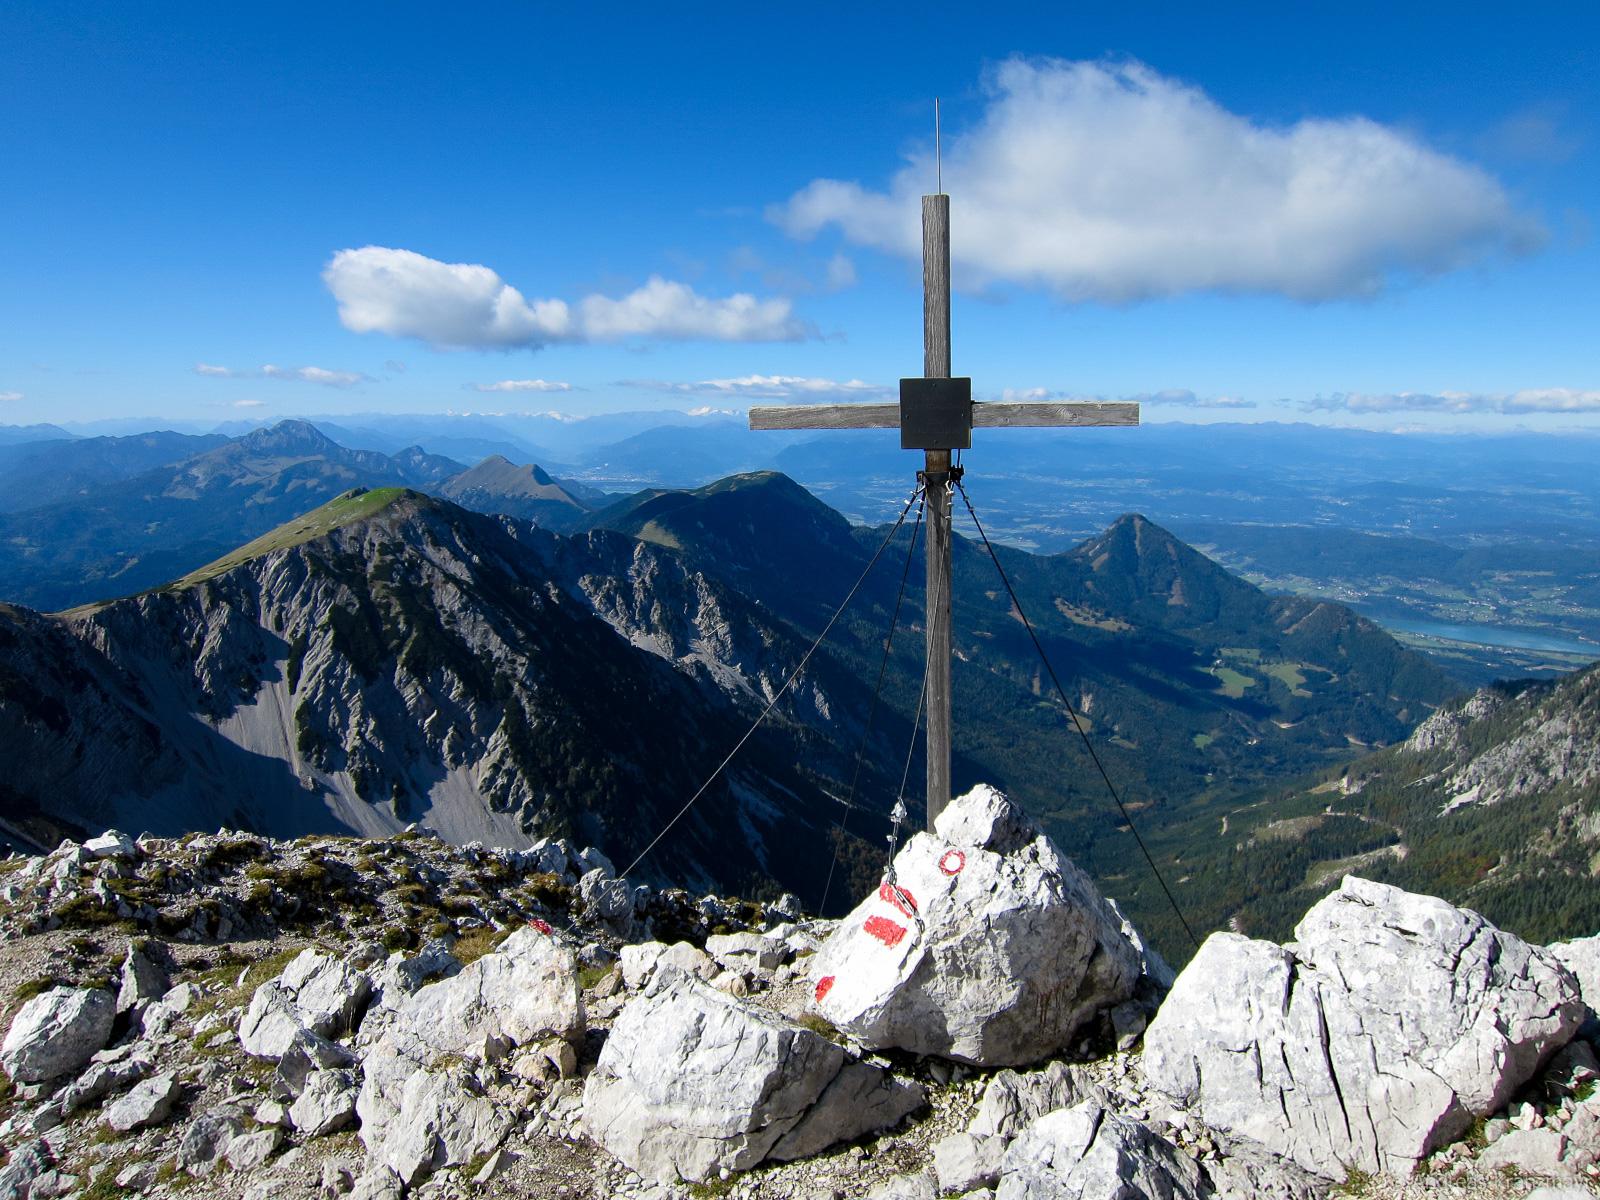 Am Gipfelkreuz des Hochstuhl angekommen.